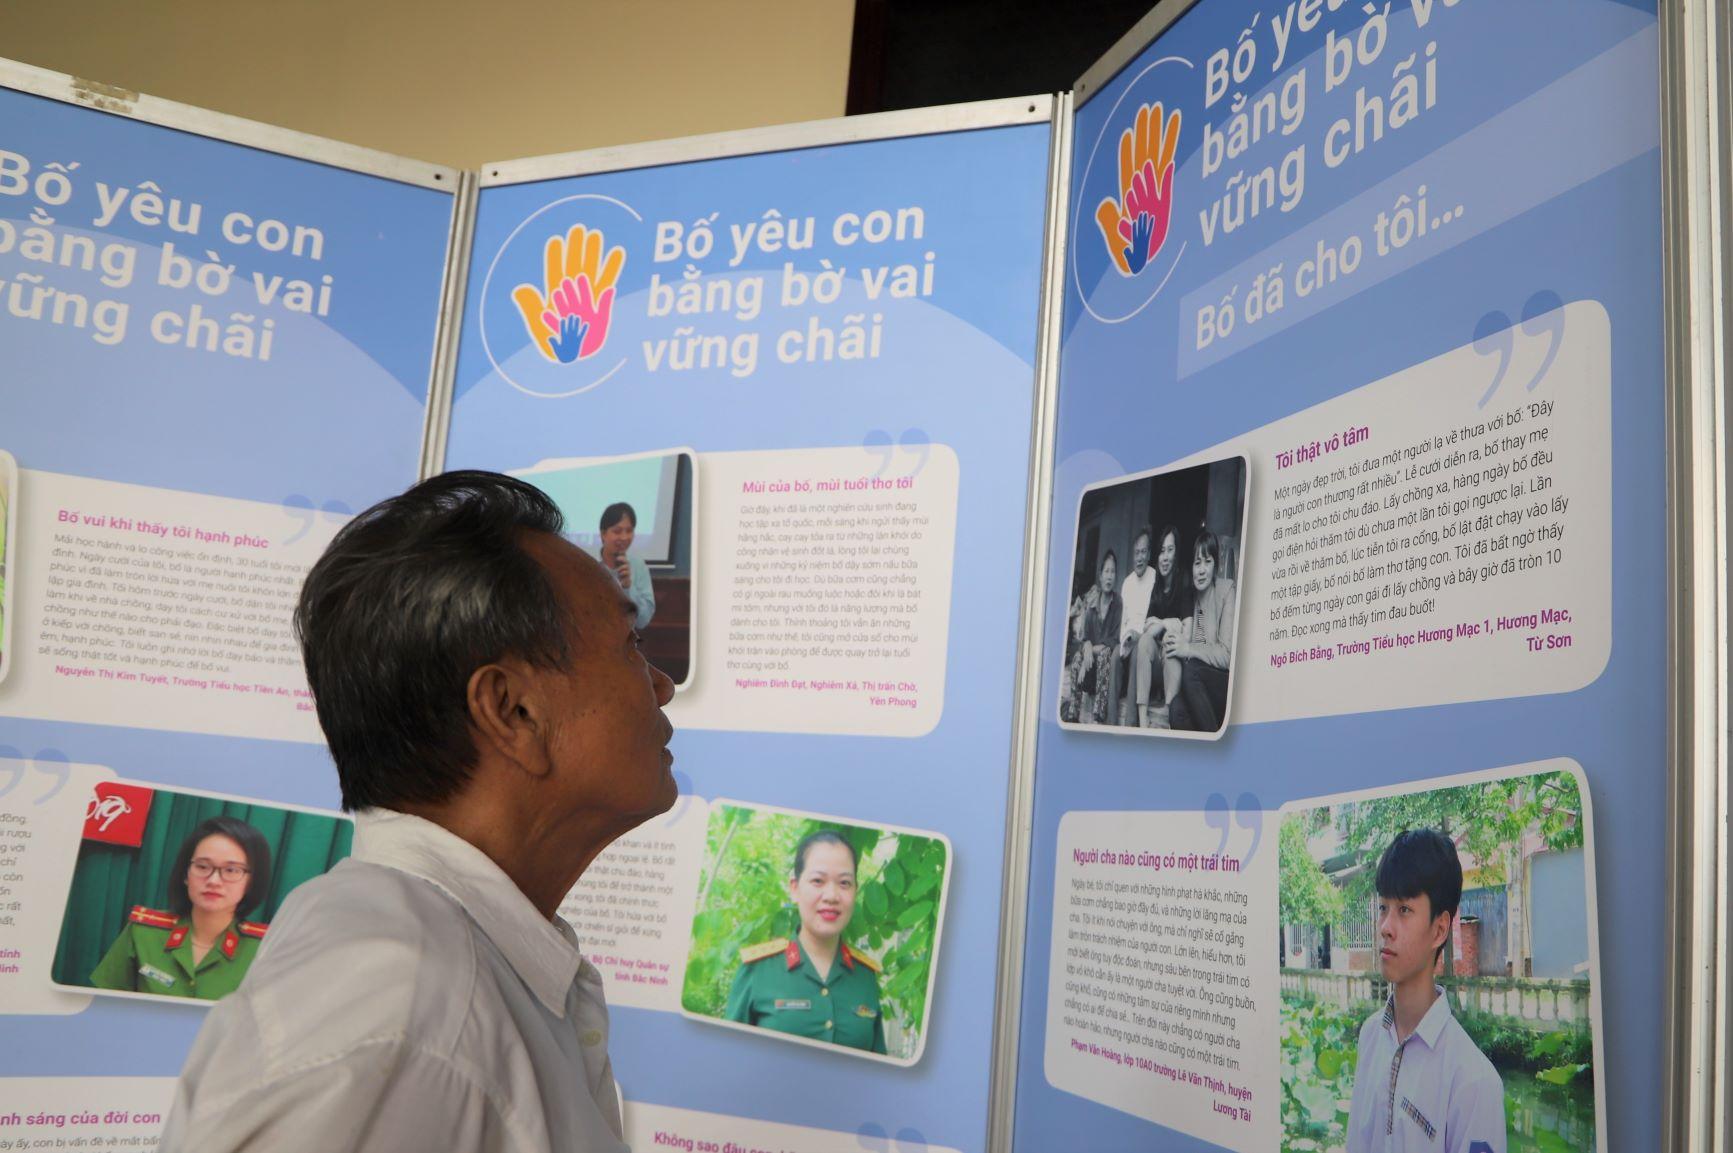 Song song với ngày hội thể thao là Ngày hội gia đình do Hội LHPN tỉnh Bắc Ninh tổ chức. Triển lãm ảnh cuộc thi